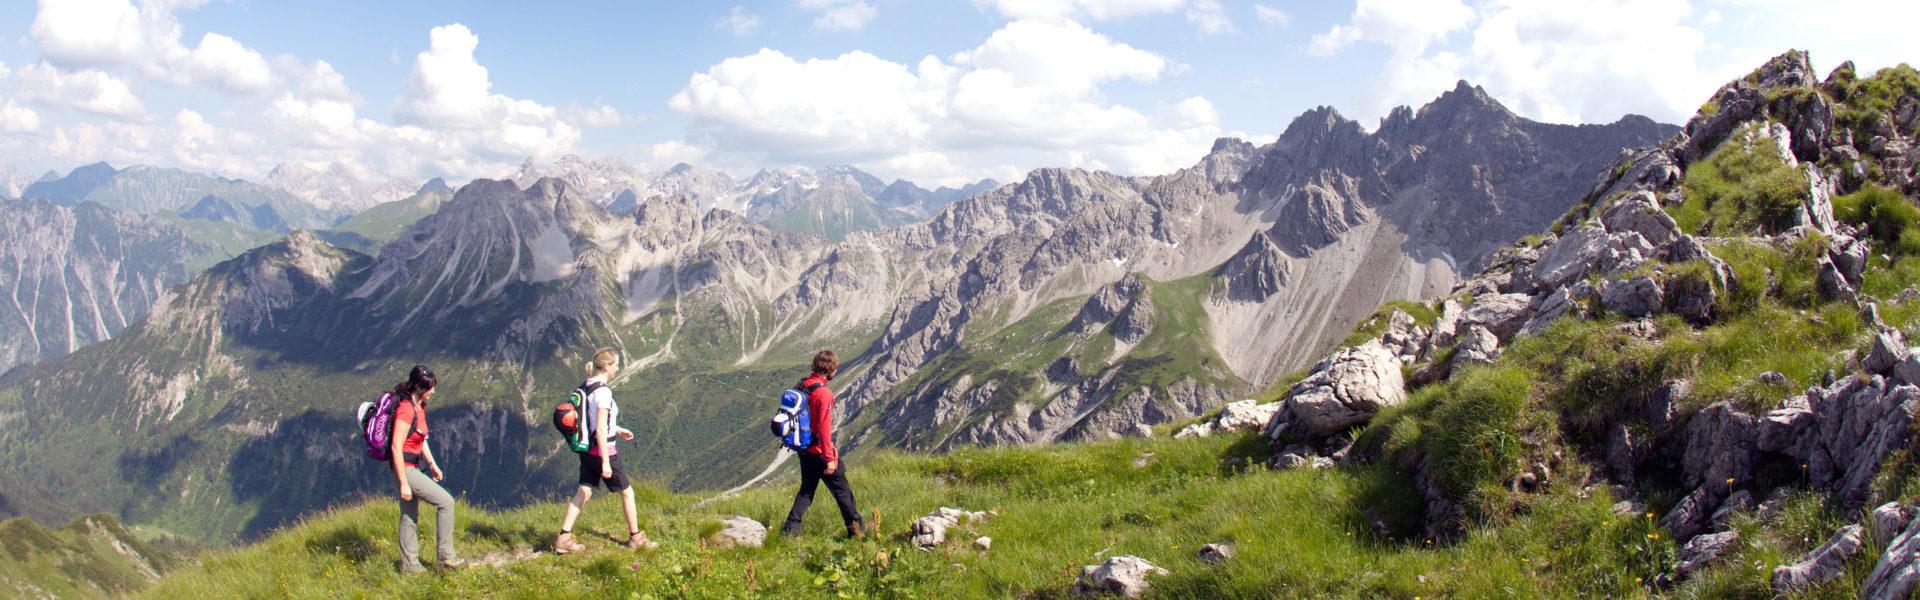 Gipfeltour Kleinwalsertal © Frank Drechsel / Kleinwalsertal Tourismus eGen